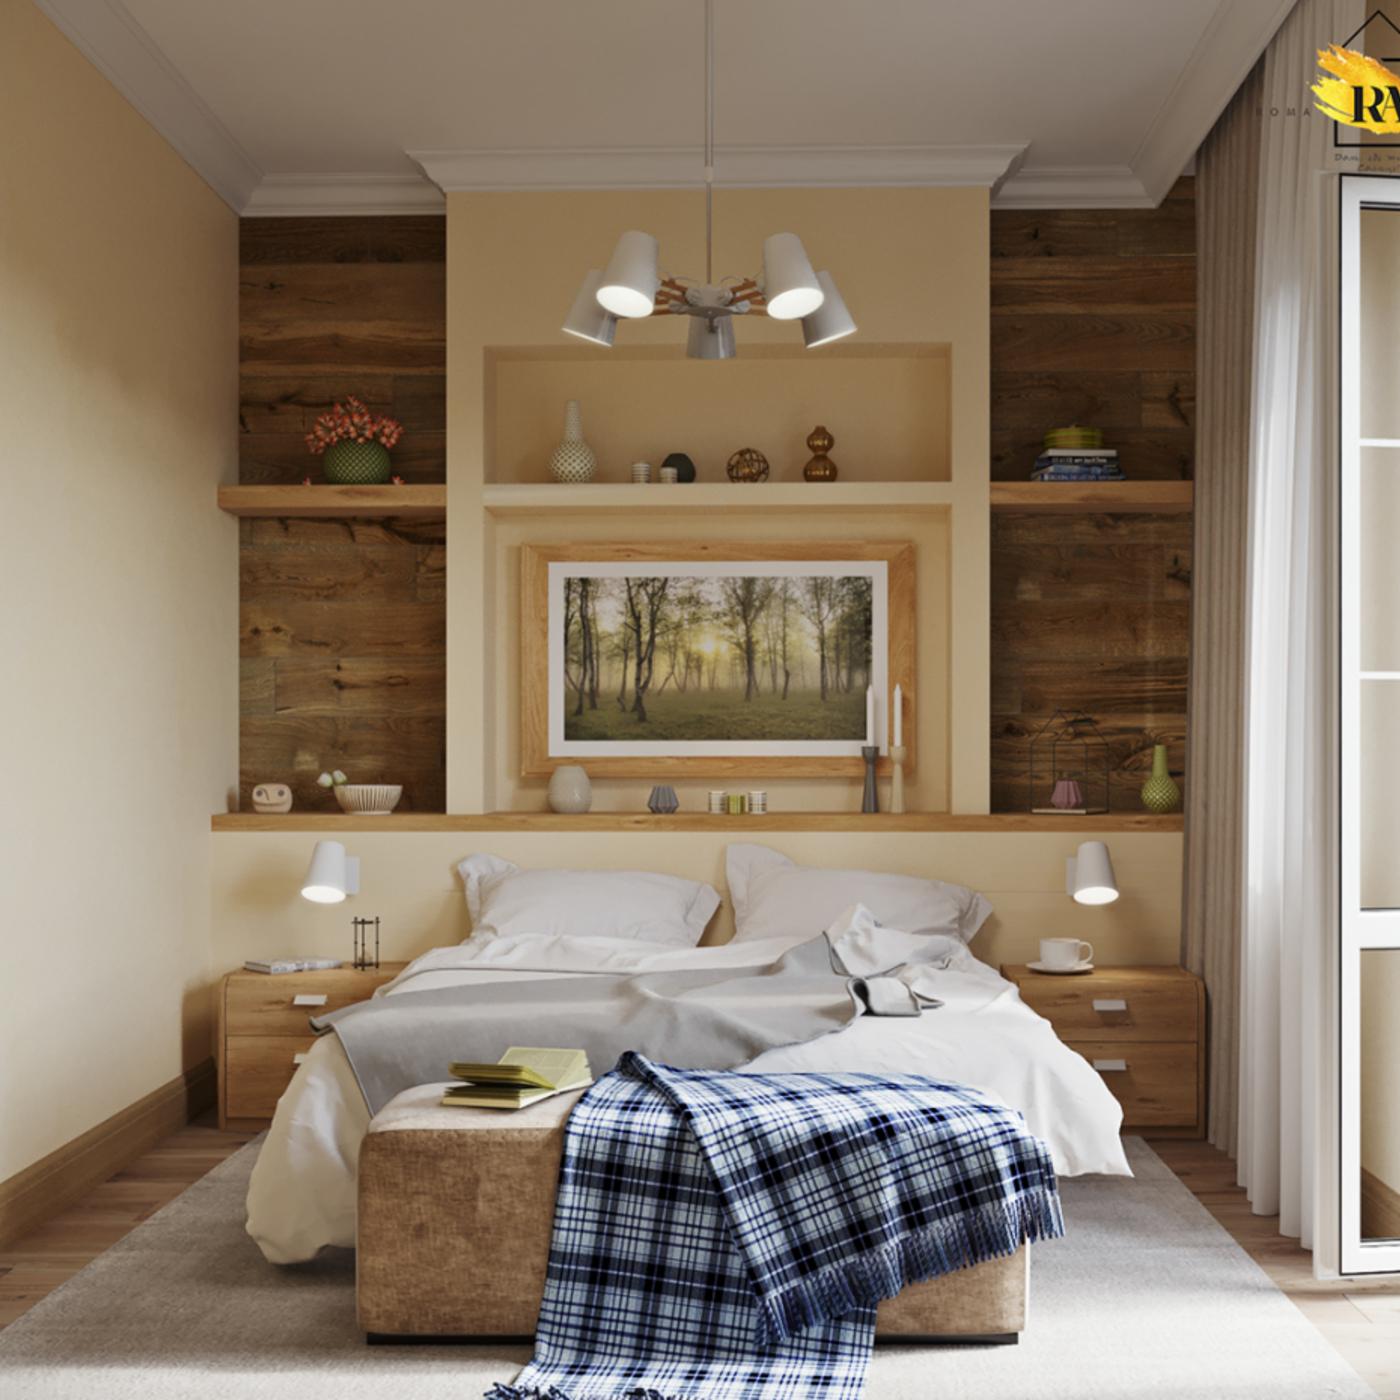 Gentle and comfortable bedroom